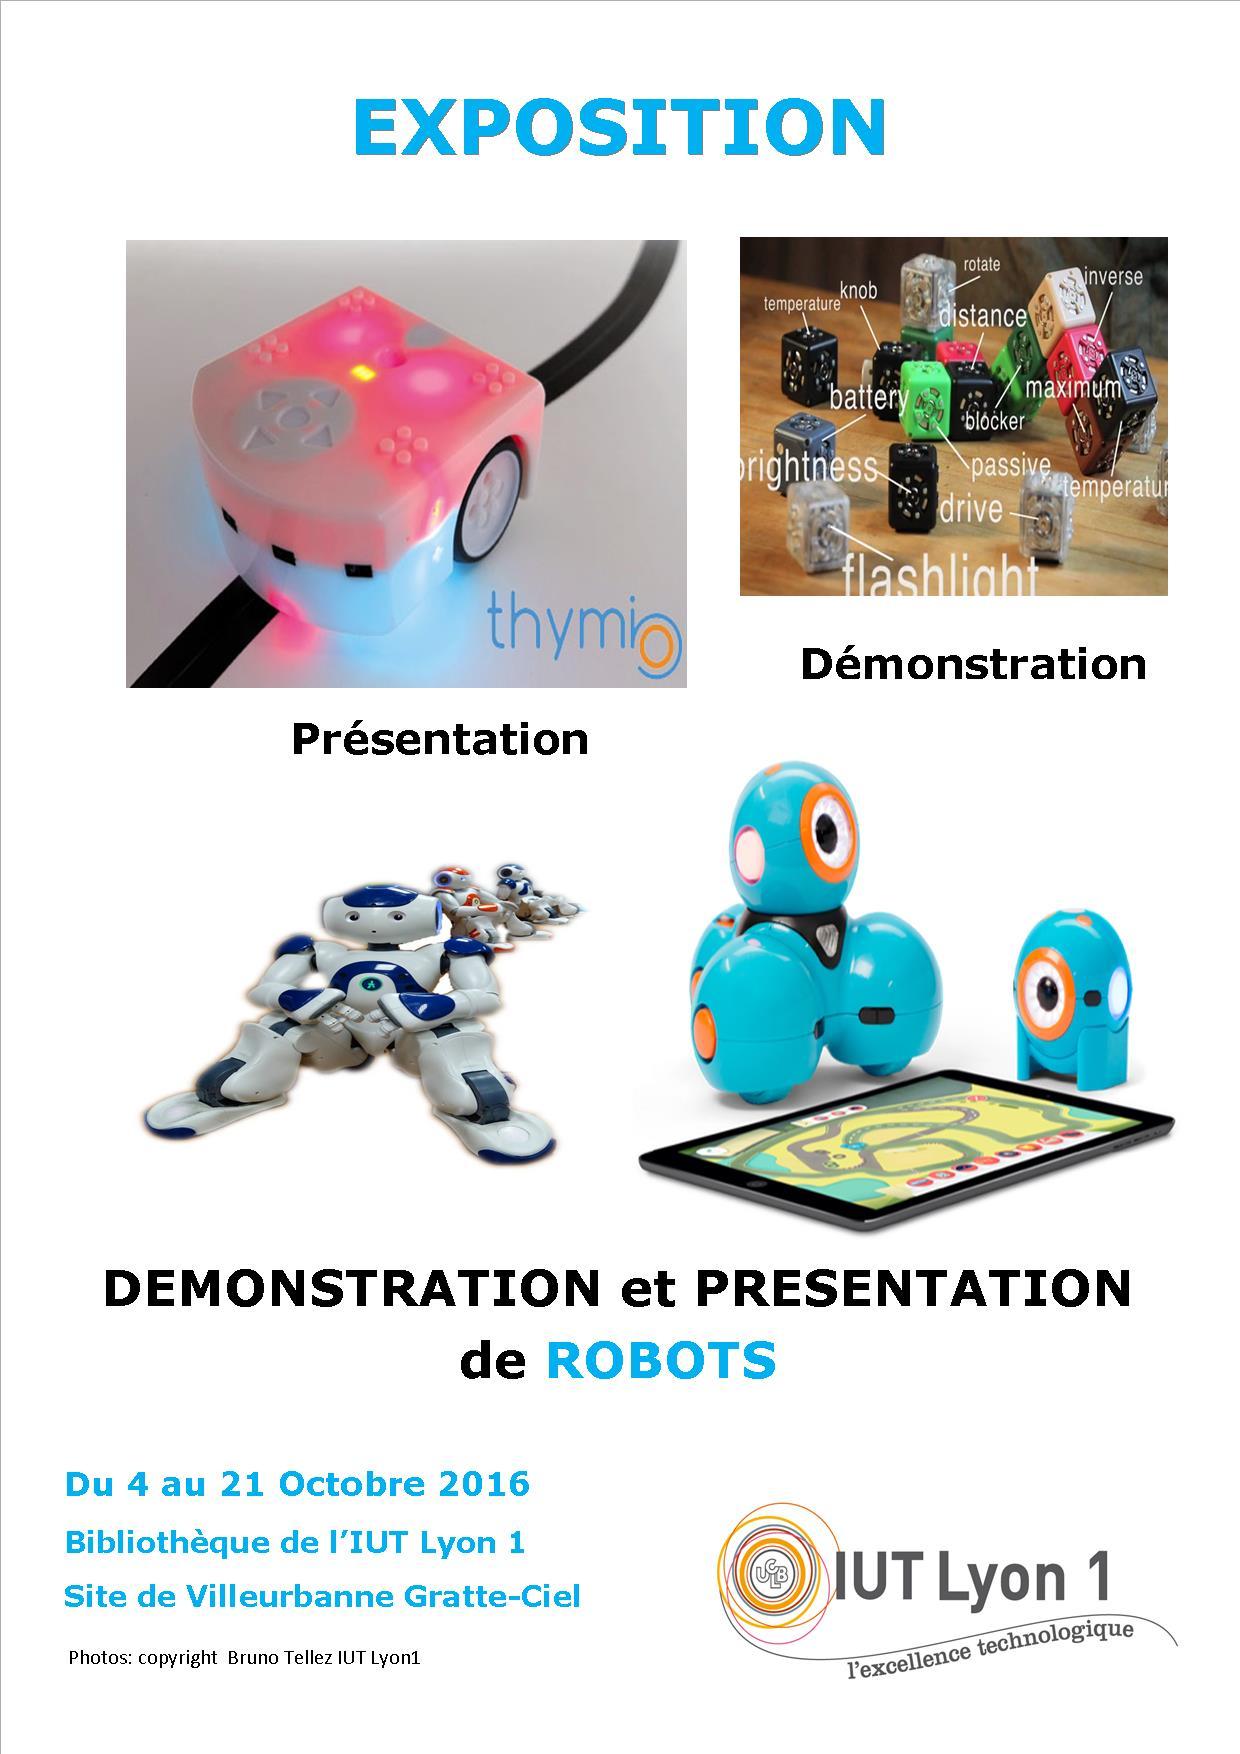 Expo robots